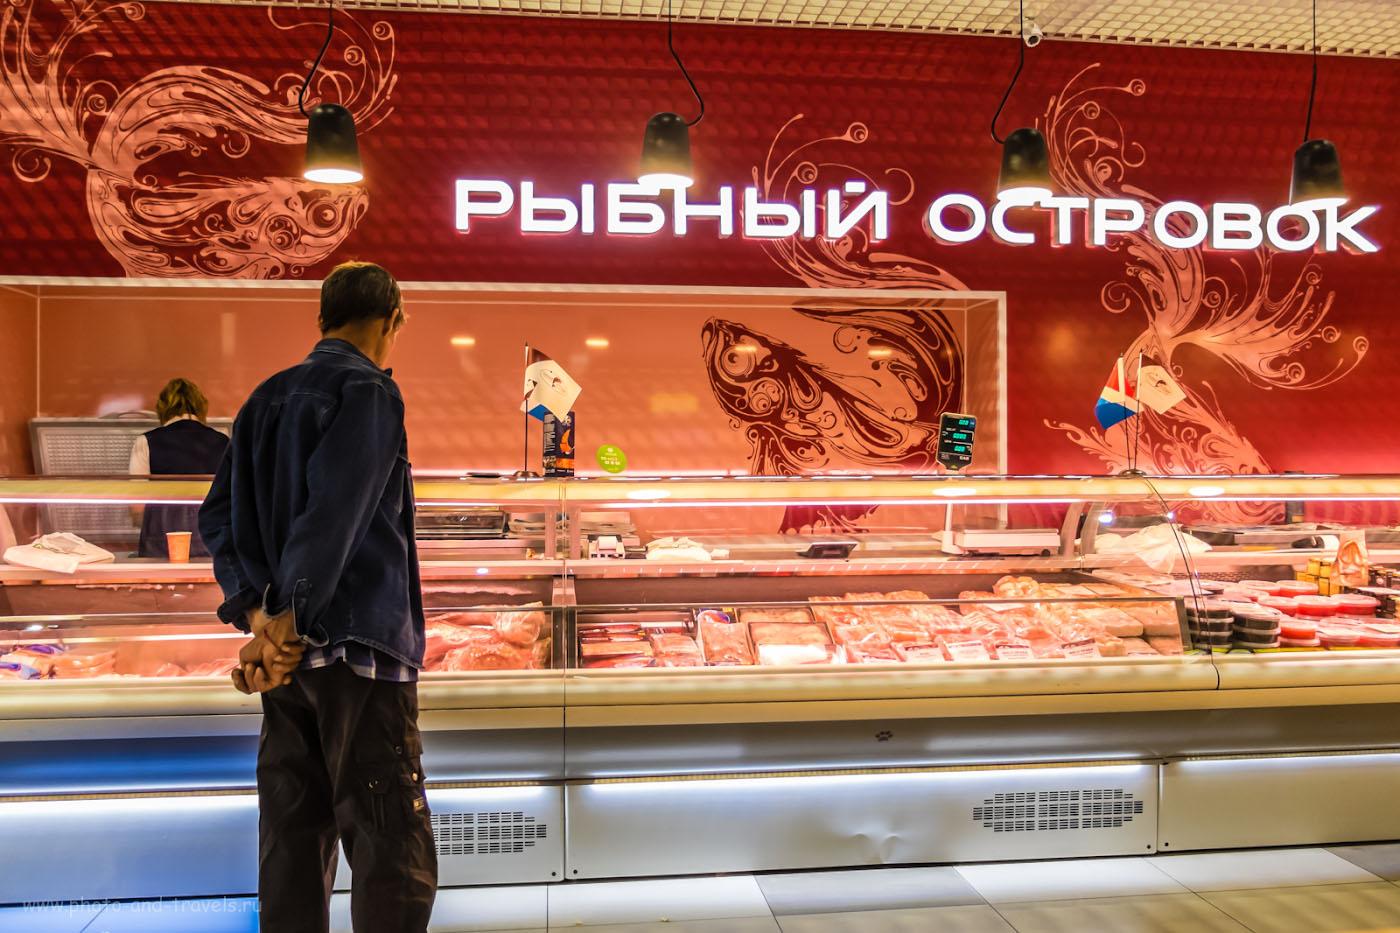 Фото 27. Рыбный магазин в аэропорту Владивостока. Снято на мыльницу Фуджифильм Х30. 1/40, +0.67, 2.0, 320, 7.1.